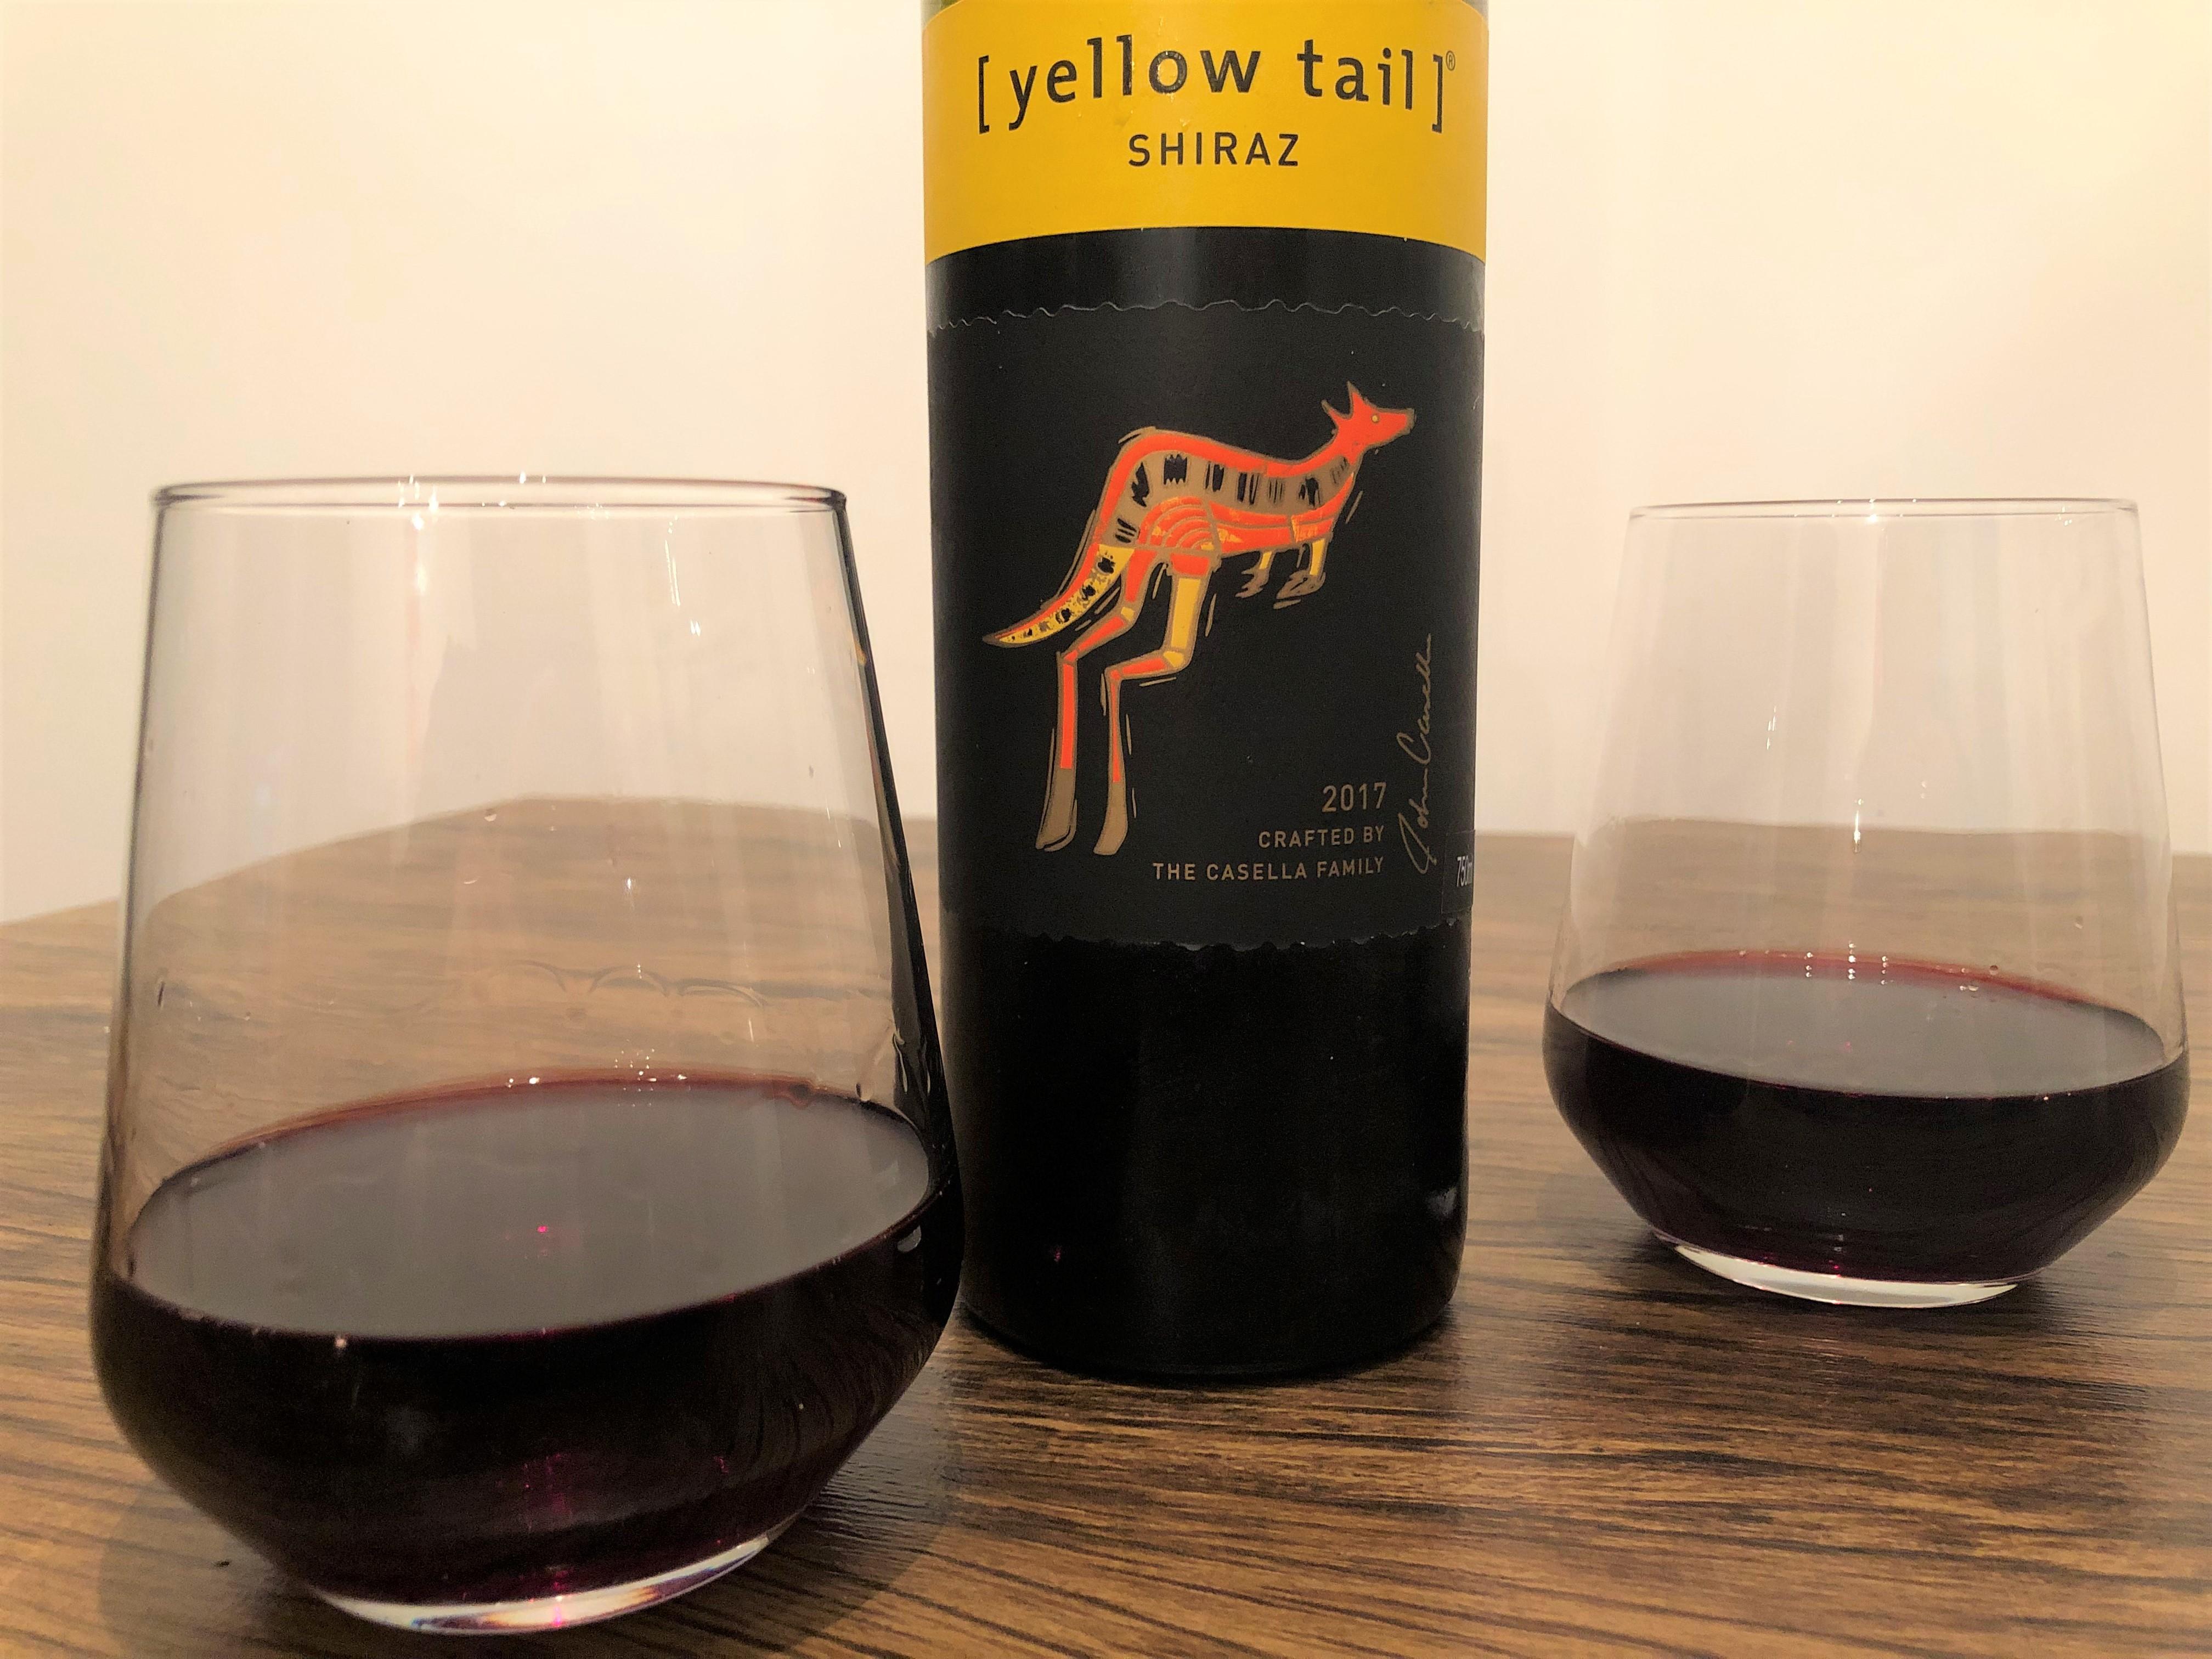 Yellow Tail vinho australiano Shiraz Syrah